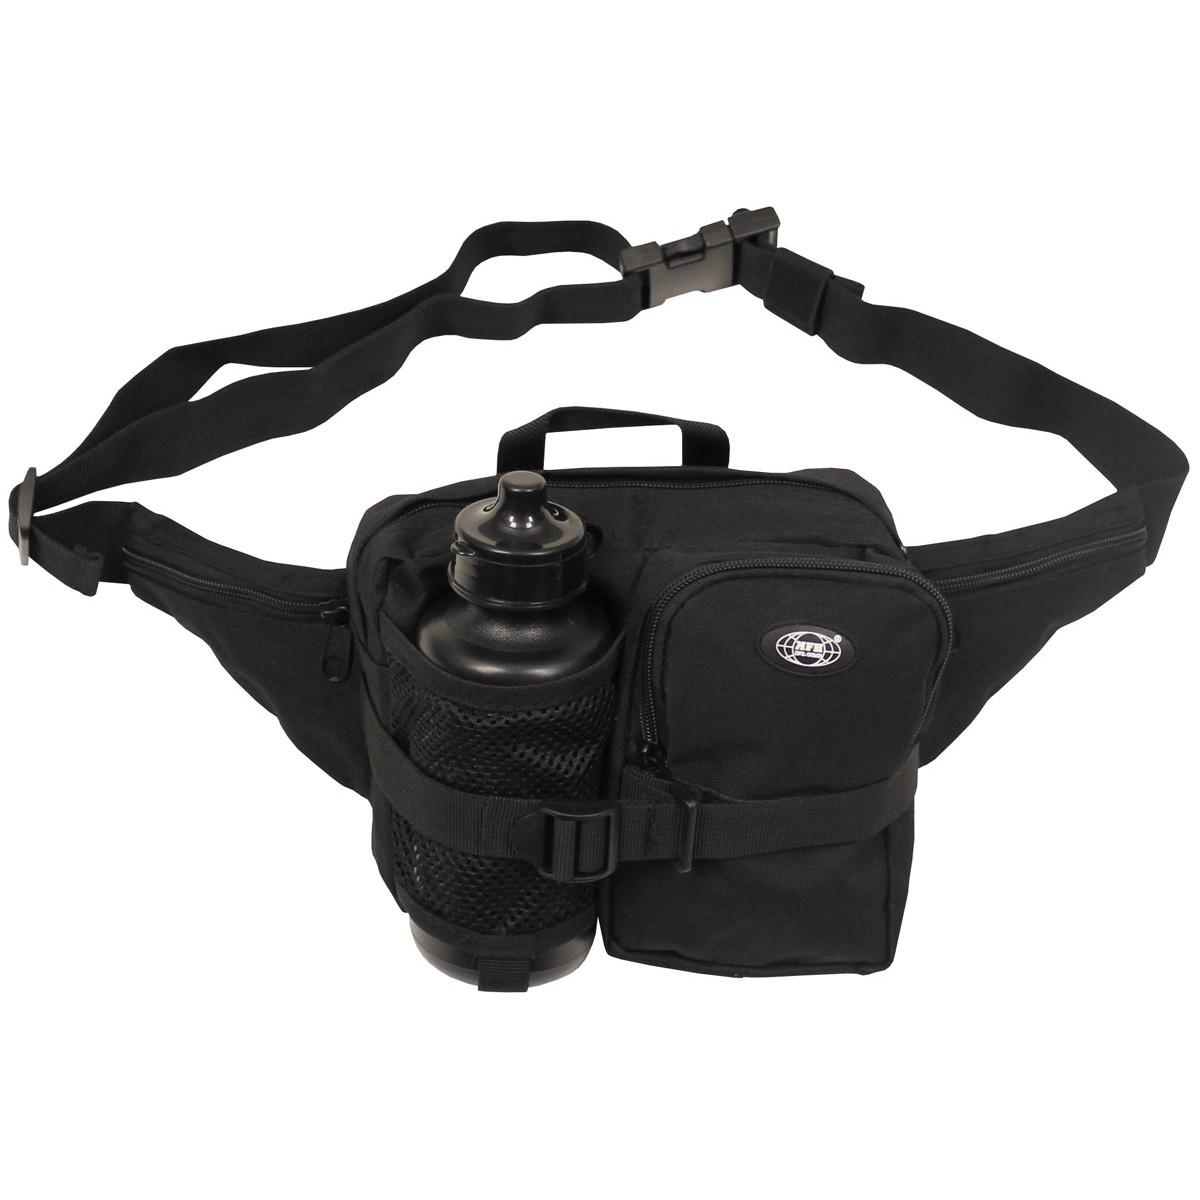 schwarz komfortabel, praktisch, Tasche Geocaching Hüfttasche mit Flasche